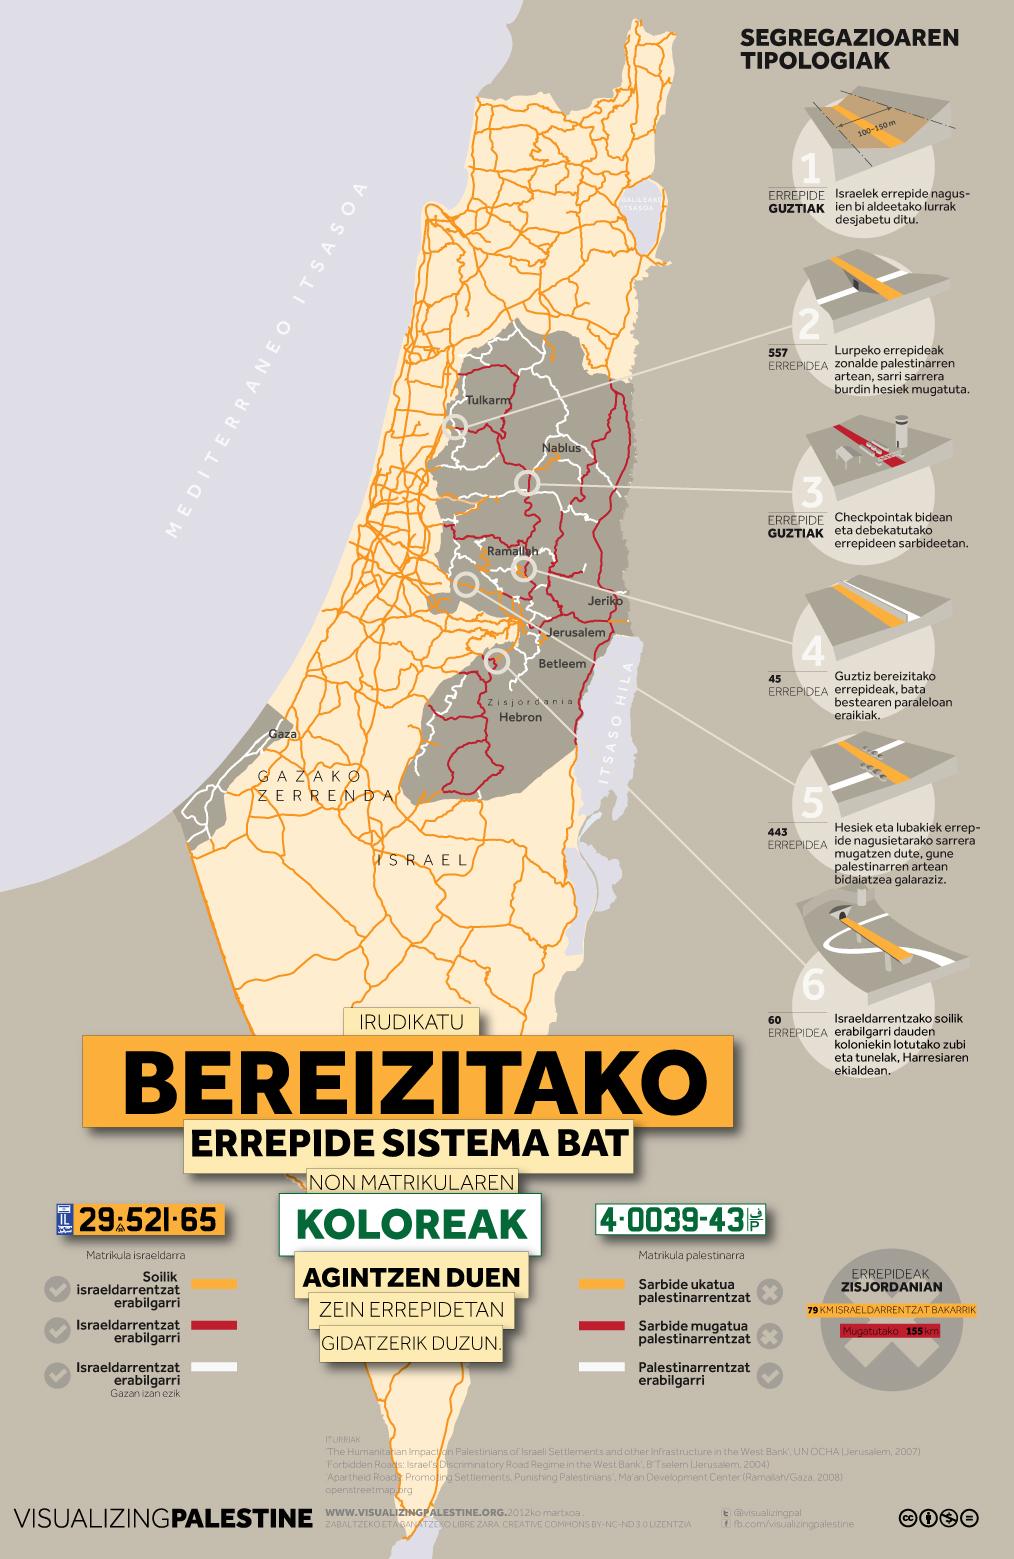 Israelen errepide sistema segregatzailea Palestinako lur okupatuetan